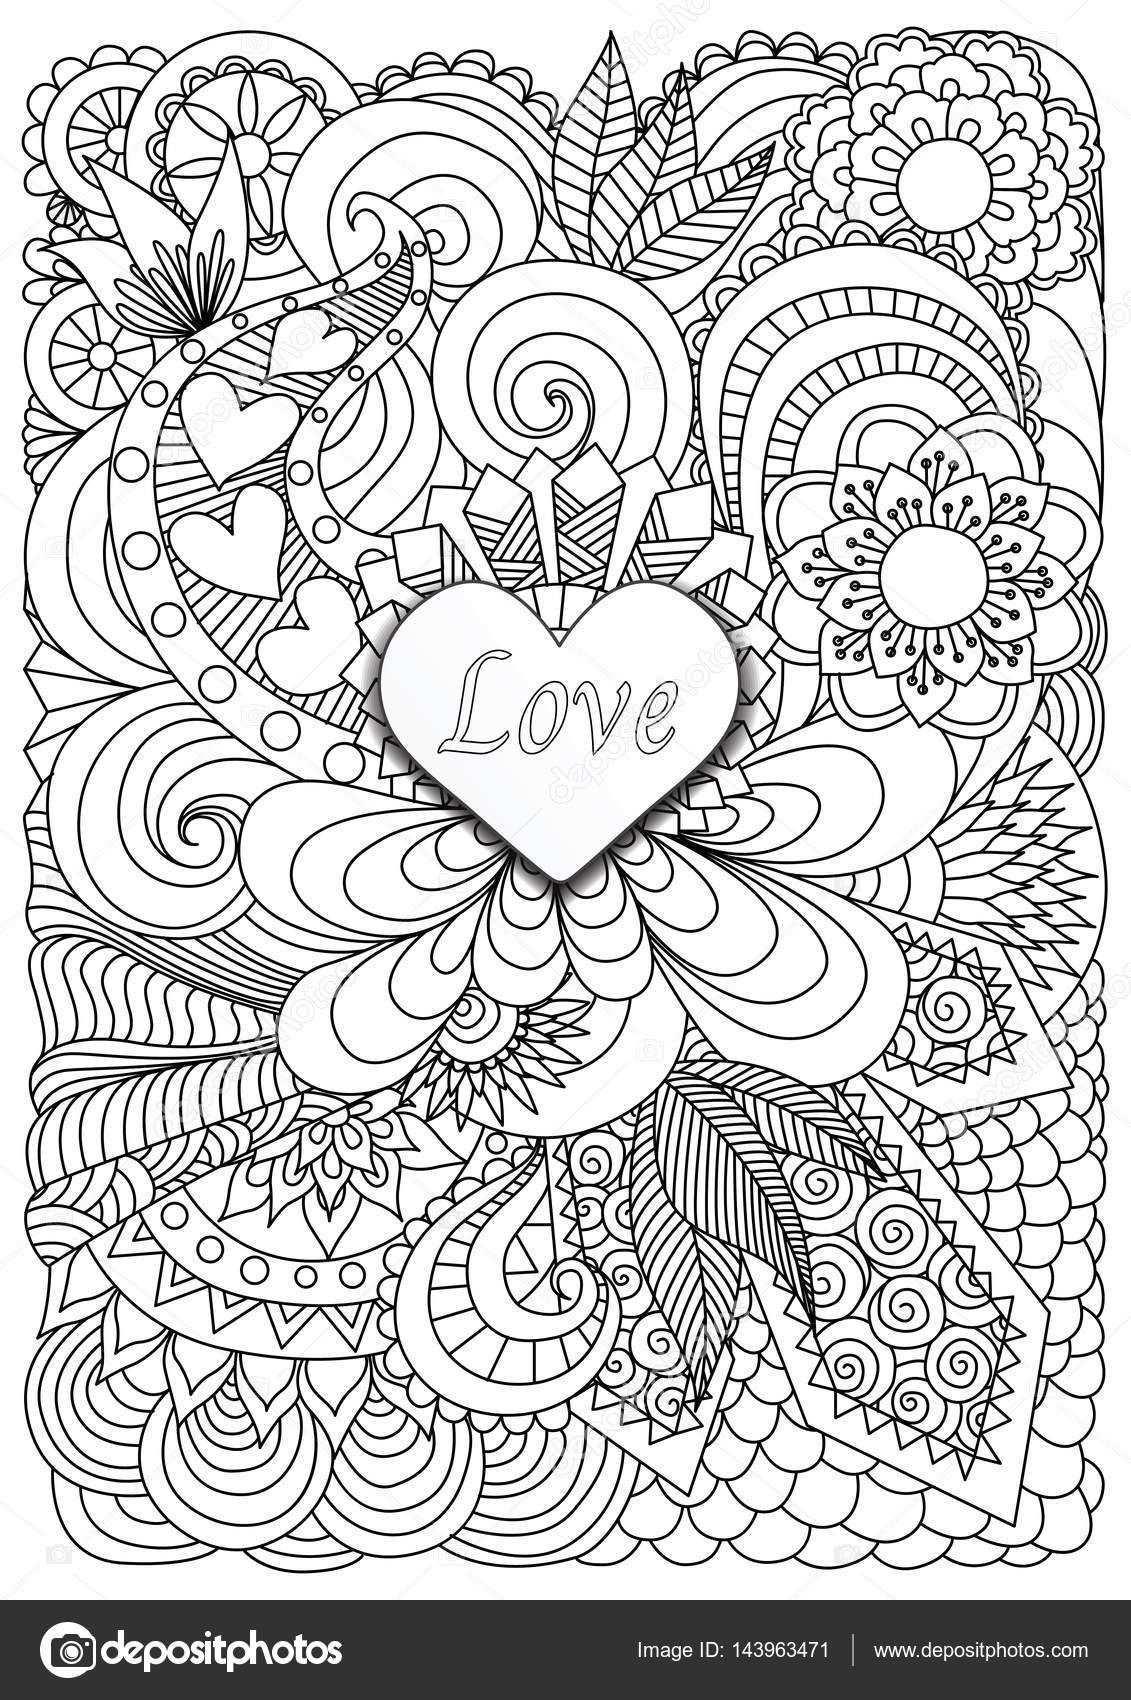 kleurplaat voor volwassenen liefde